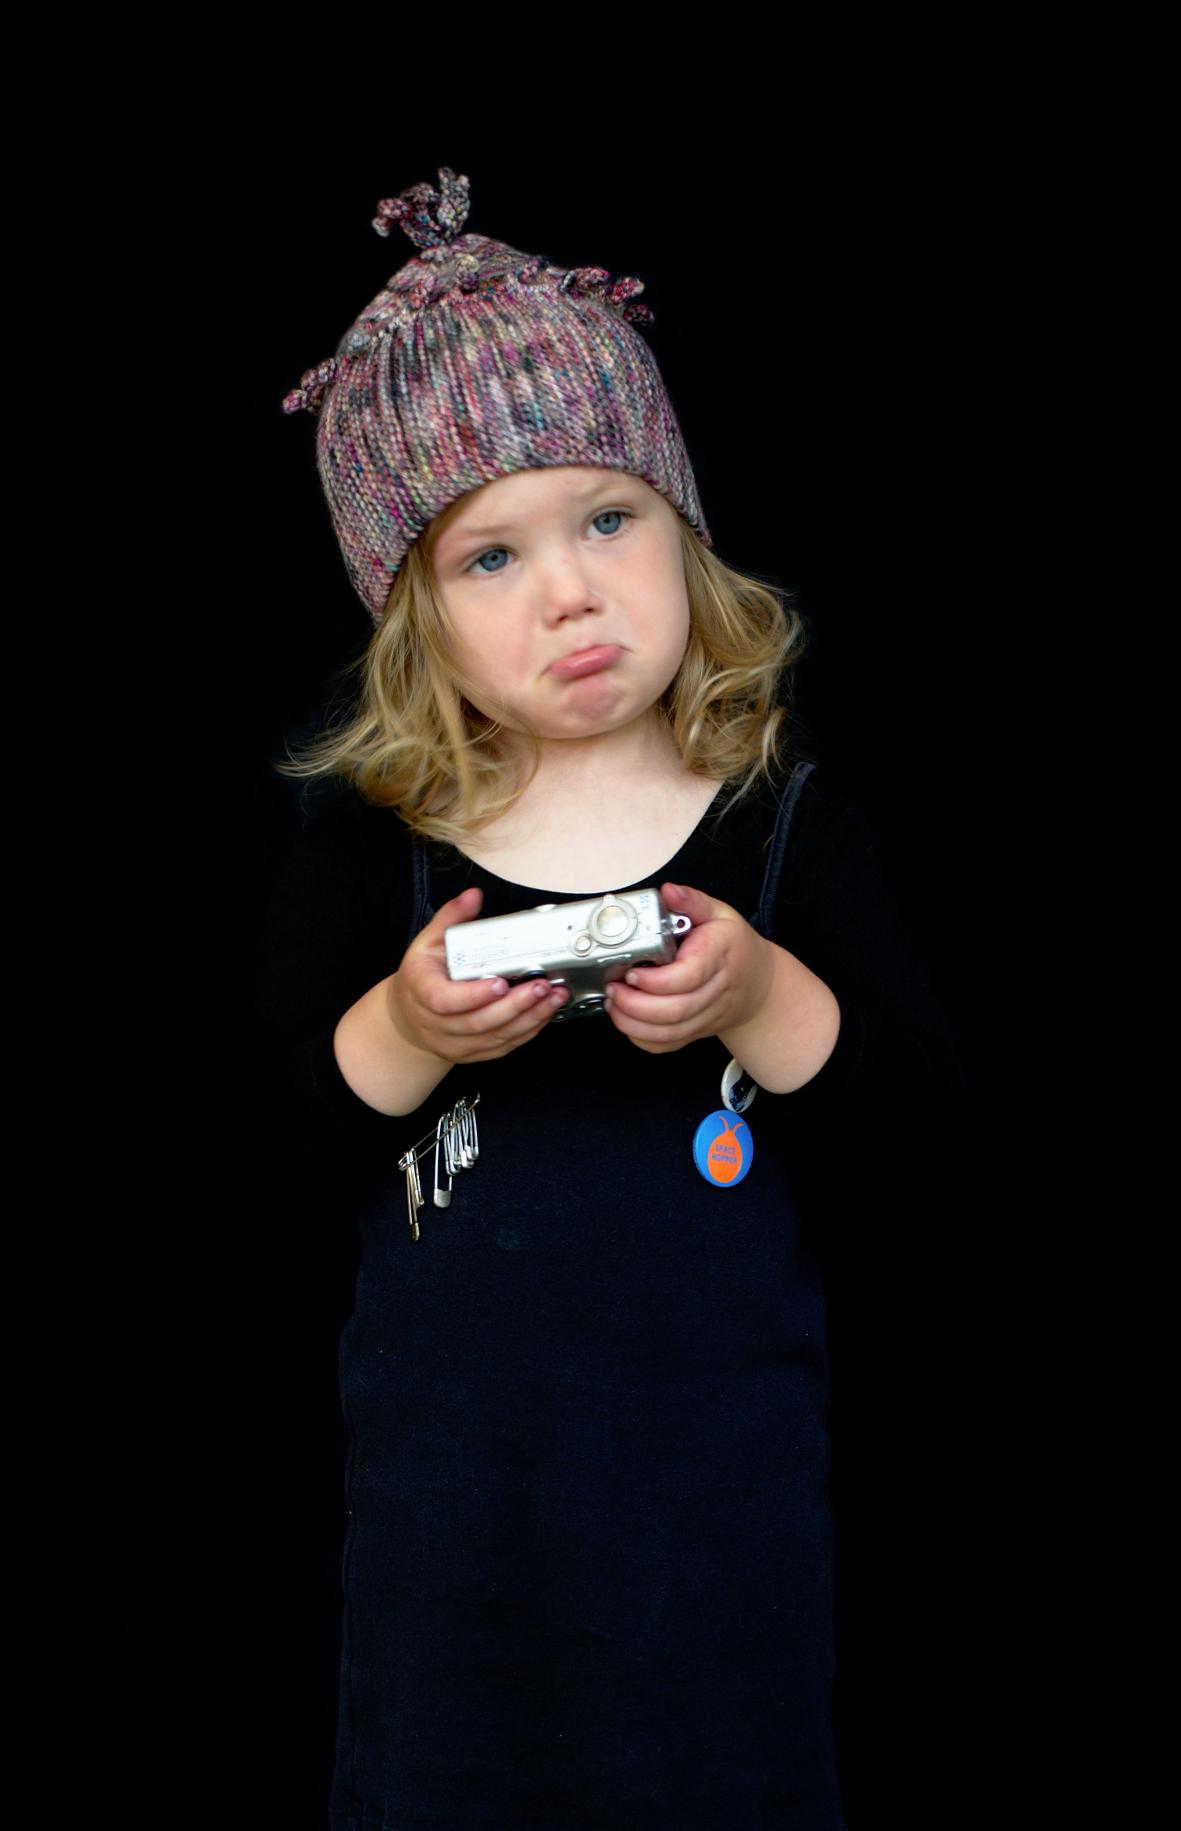 Chesser pixie Hat hand knitting pattern